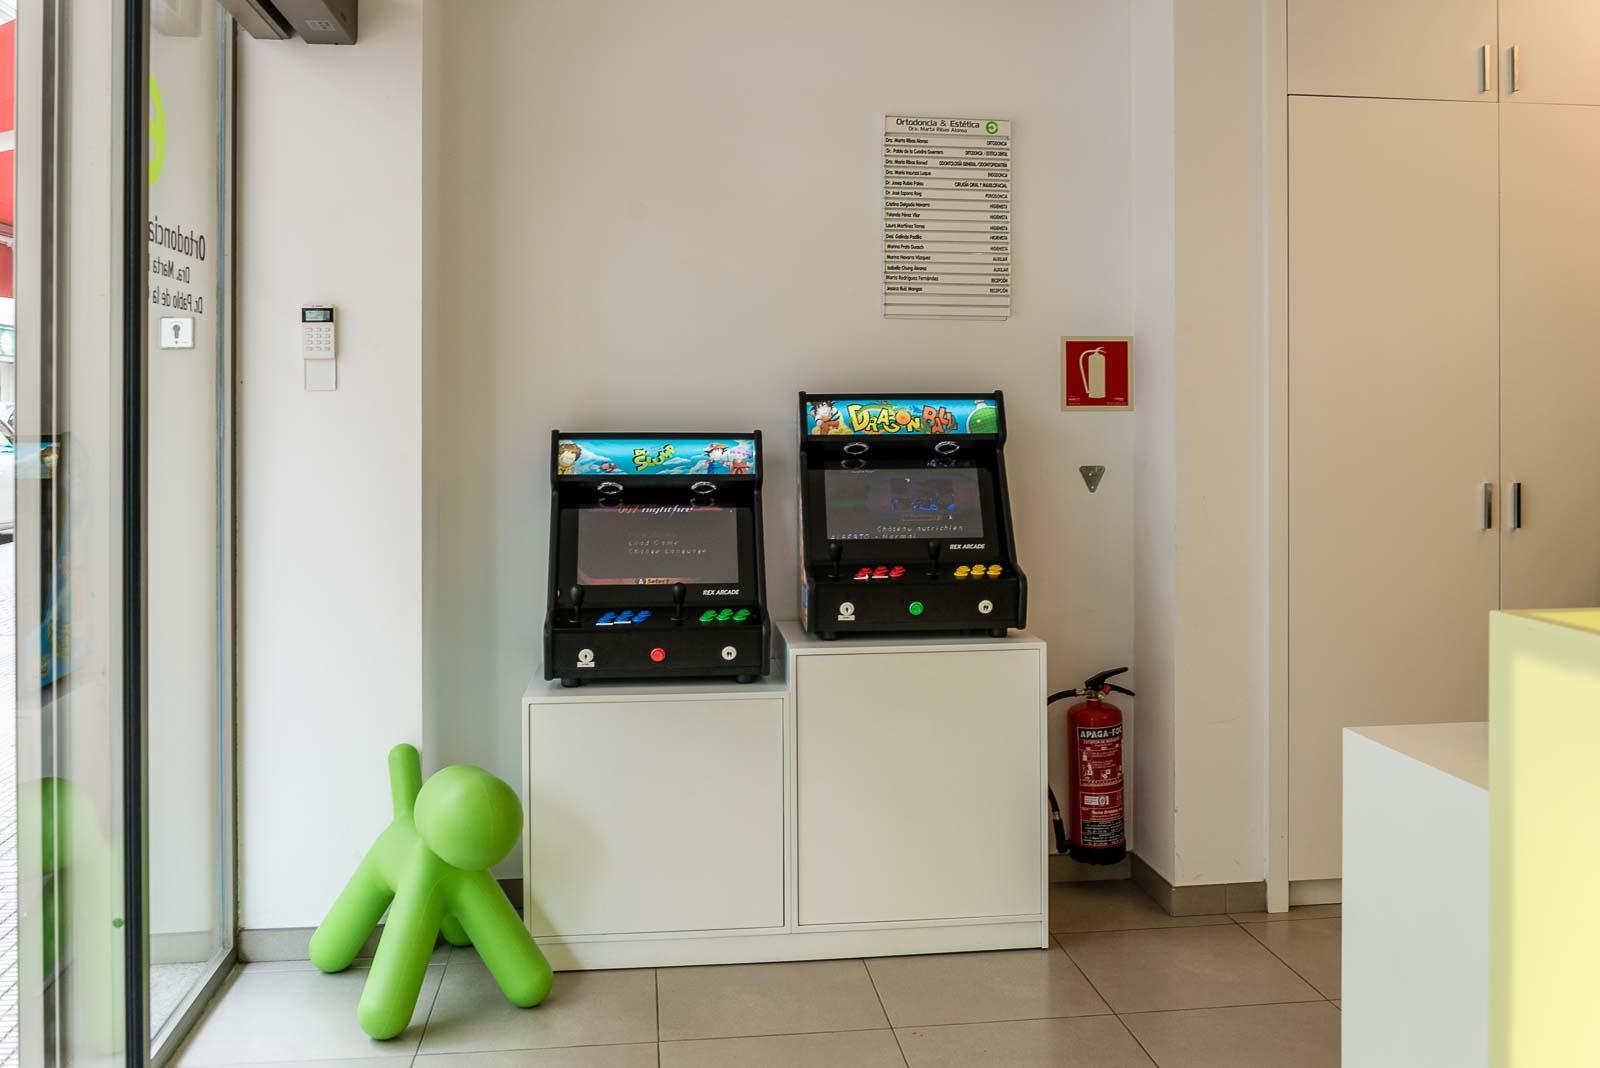 Juegos en la sala de espera para los pacientes